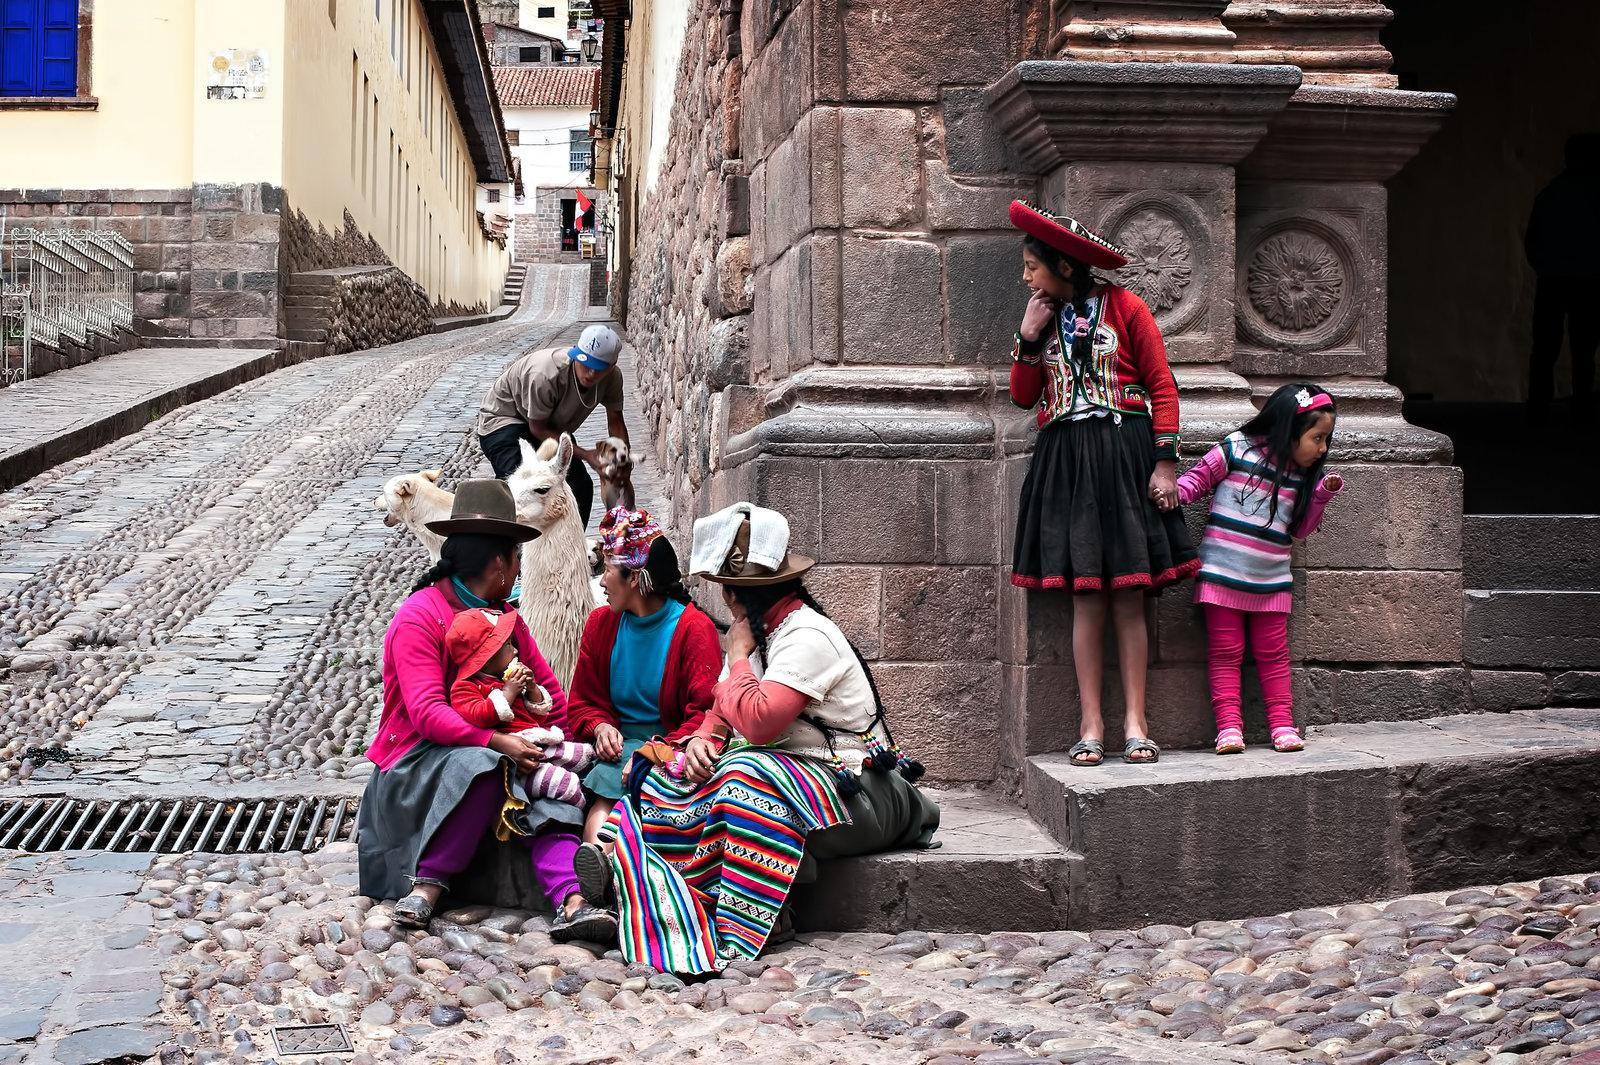 2012_11_17_Cuzco_Peru_FINAL_9